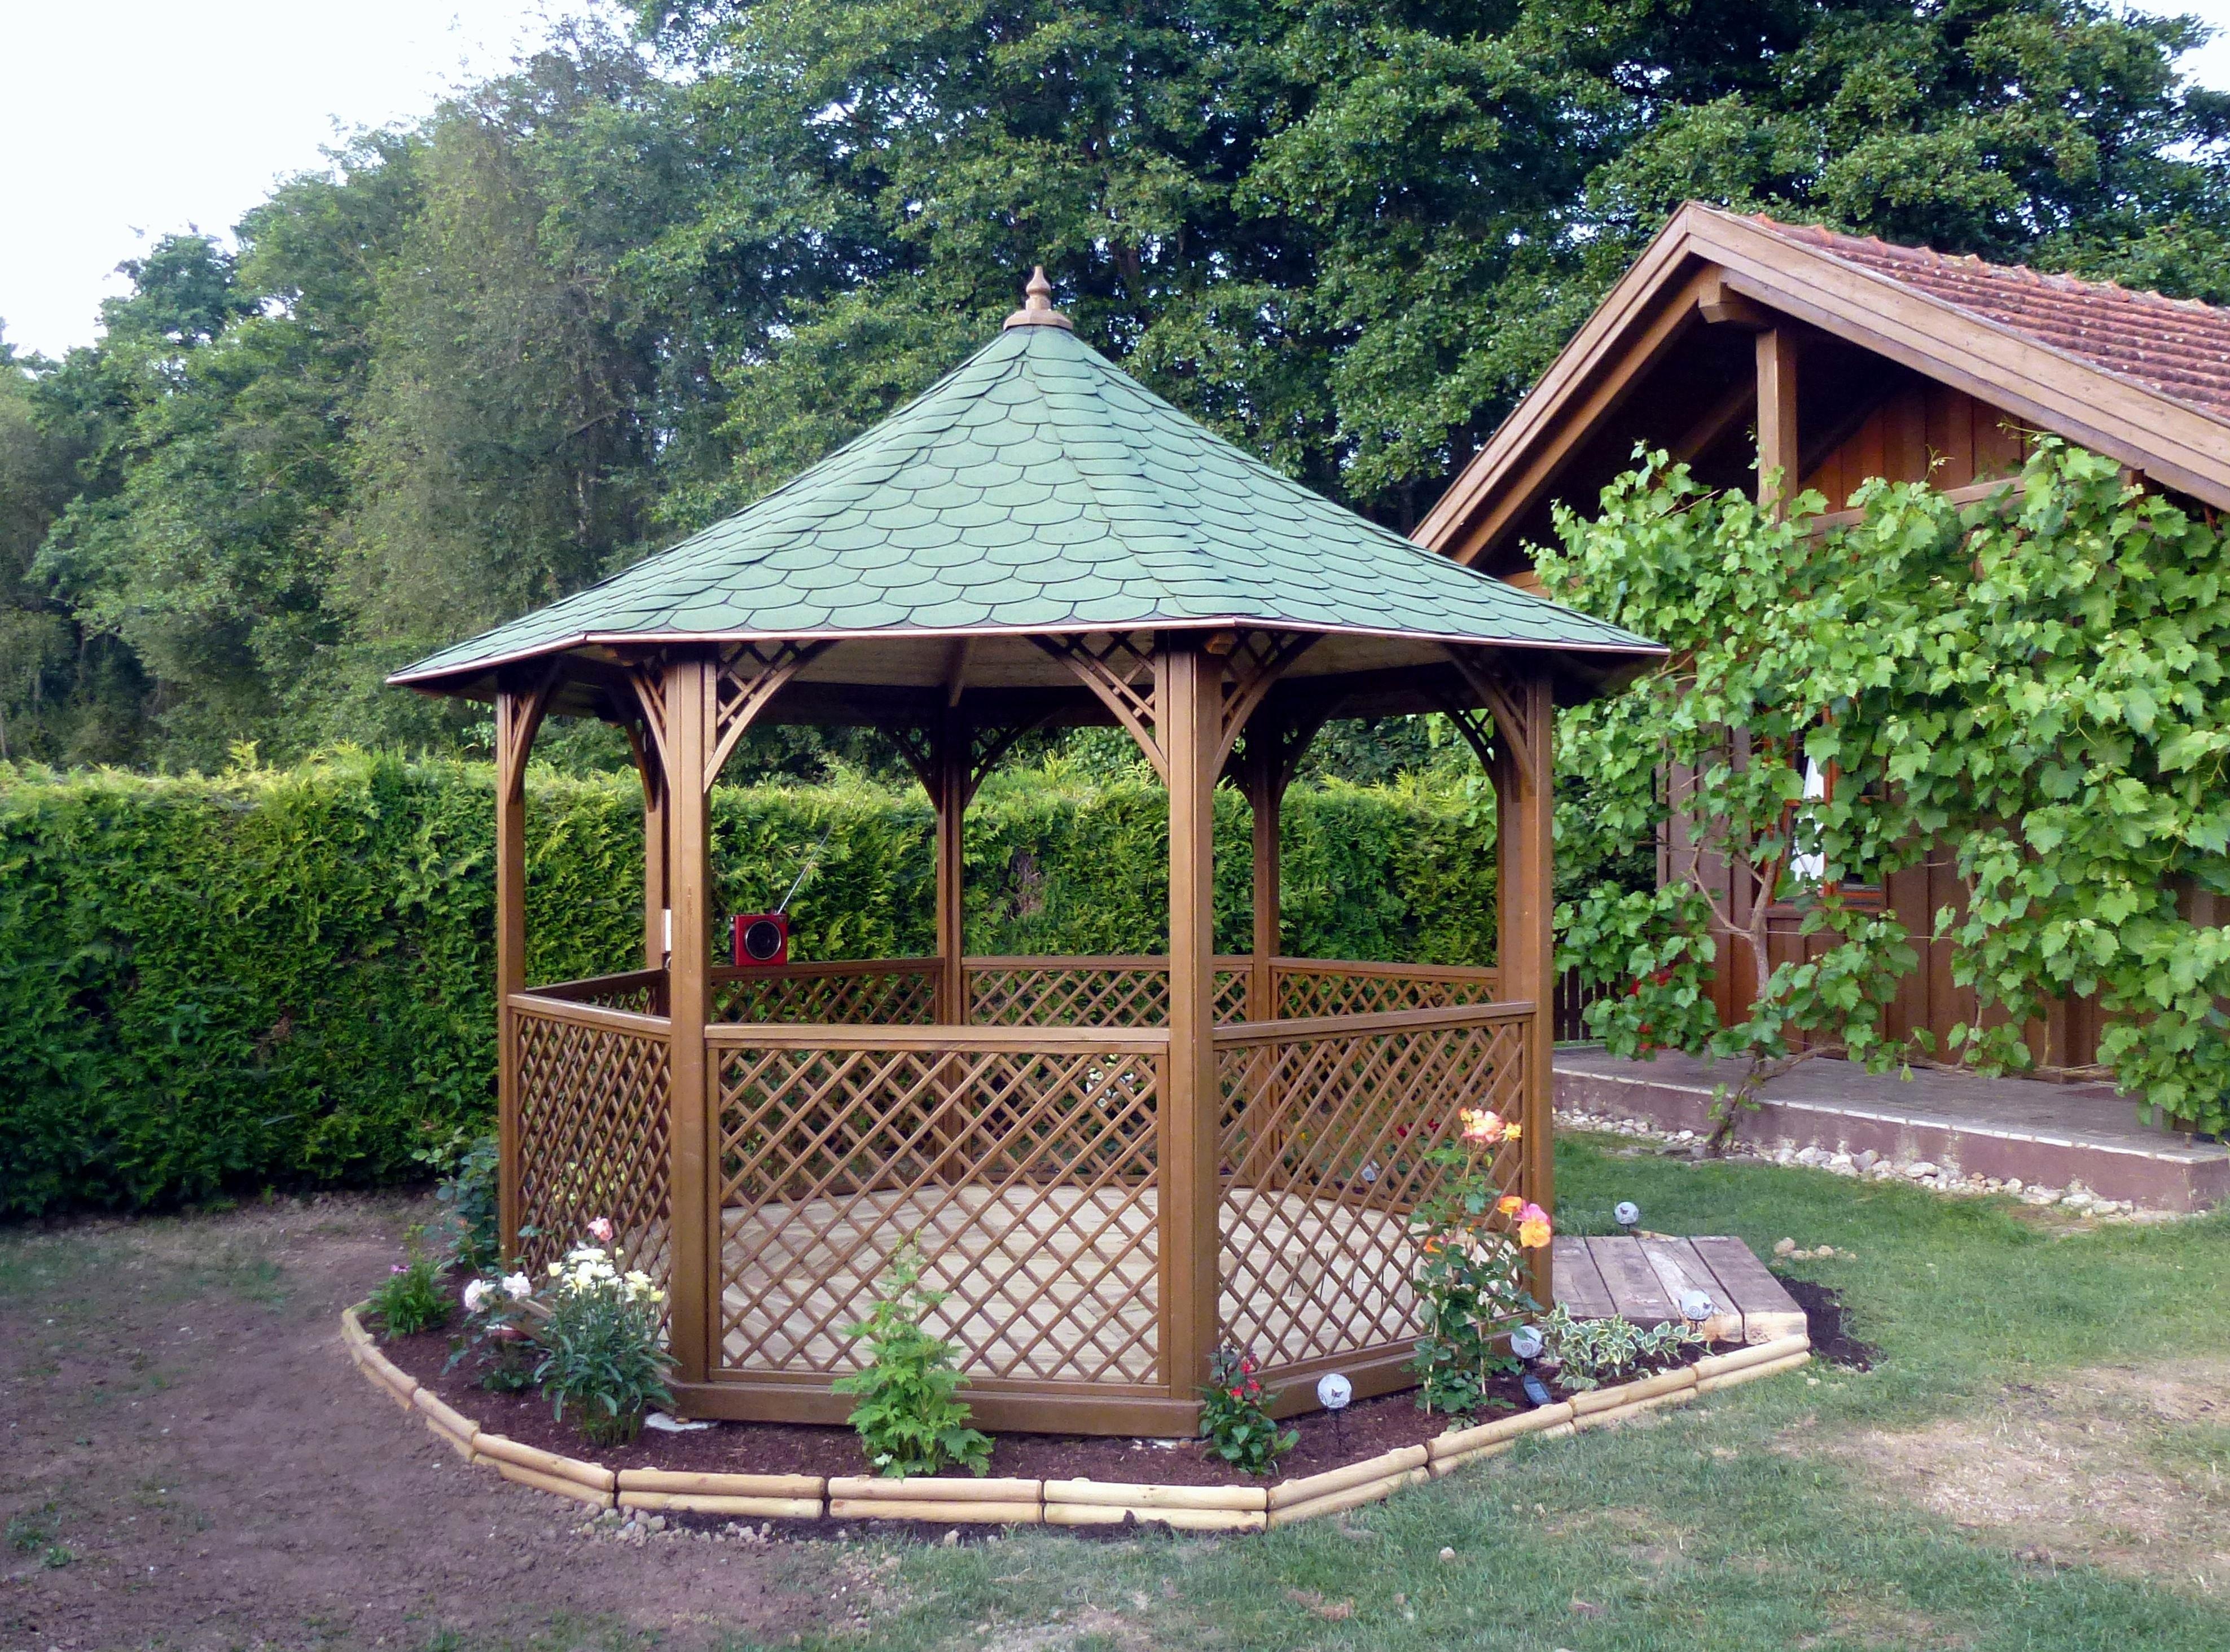 Bordure De Jardin Castorama Frais Stock Abri De Jardin En Bois Castorama Concept Moderne Castorama Abris De